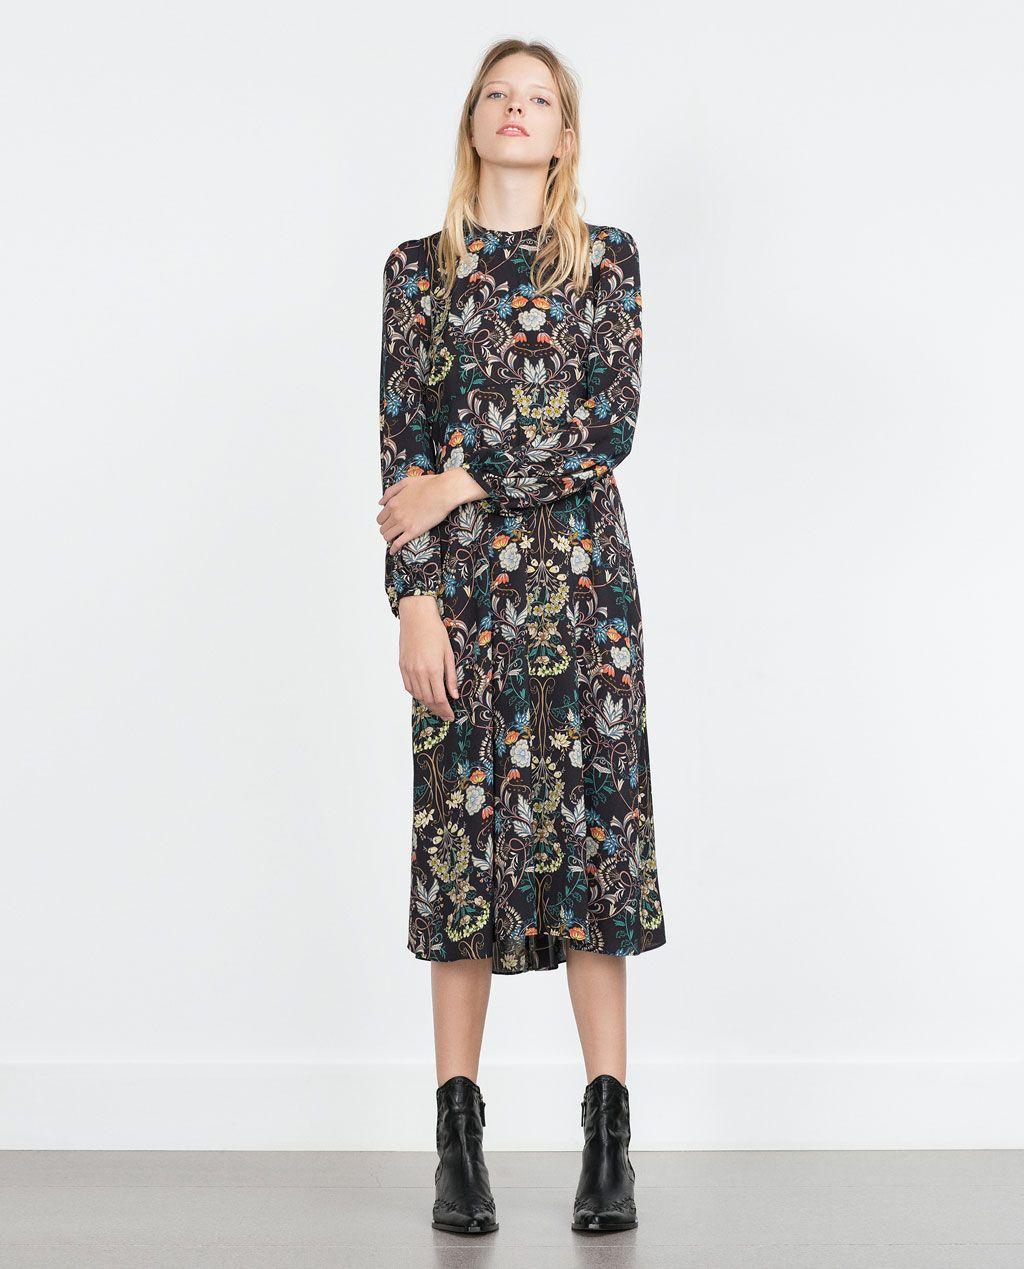 ザラ(ZARA)のスタンダードなワンピースで目指せファッション上級者♥   Kleider damen ...